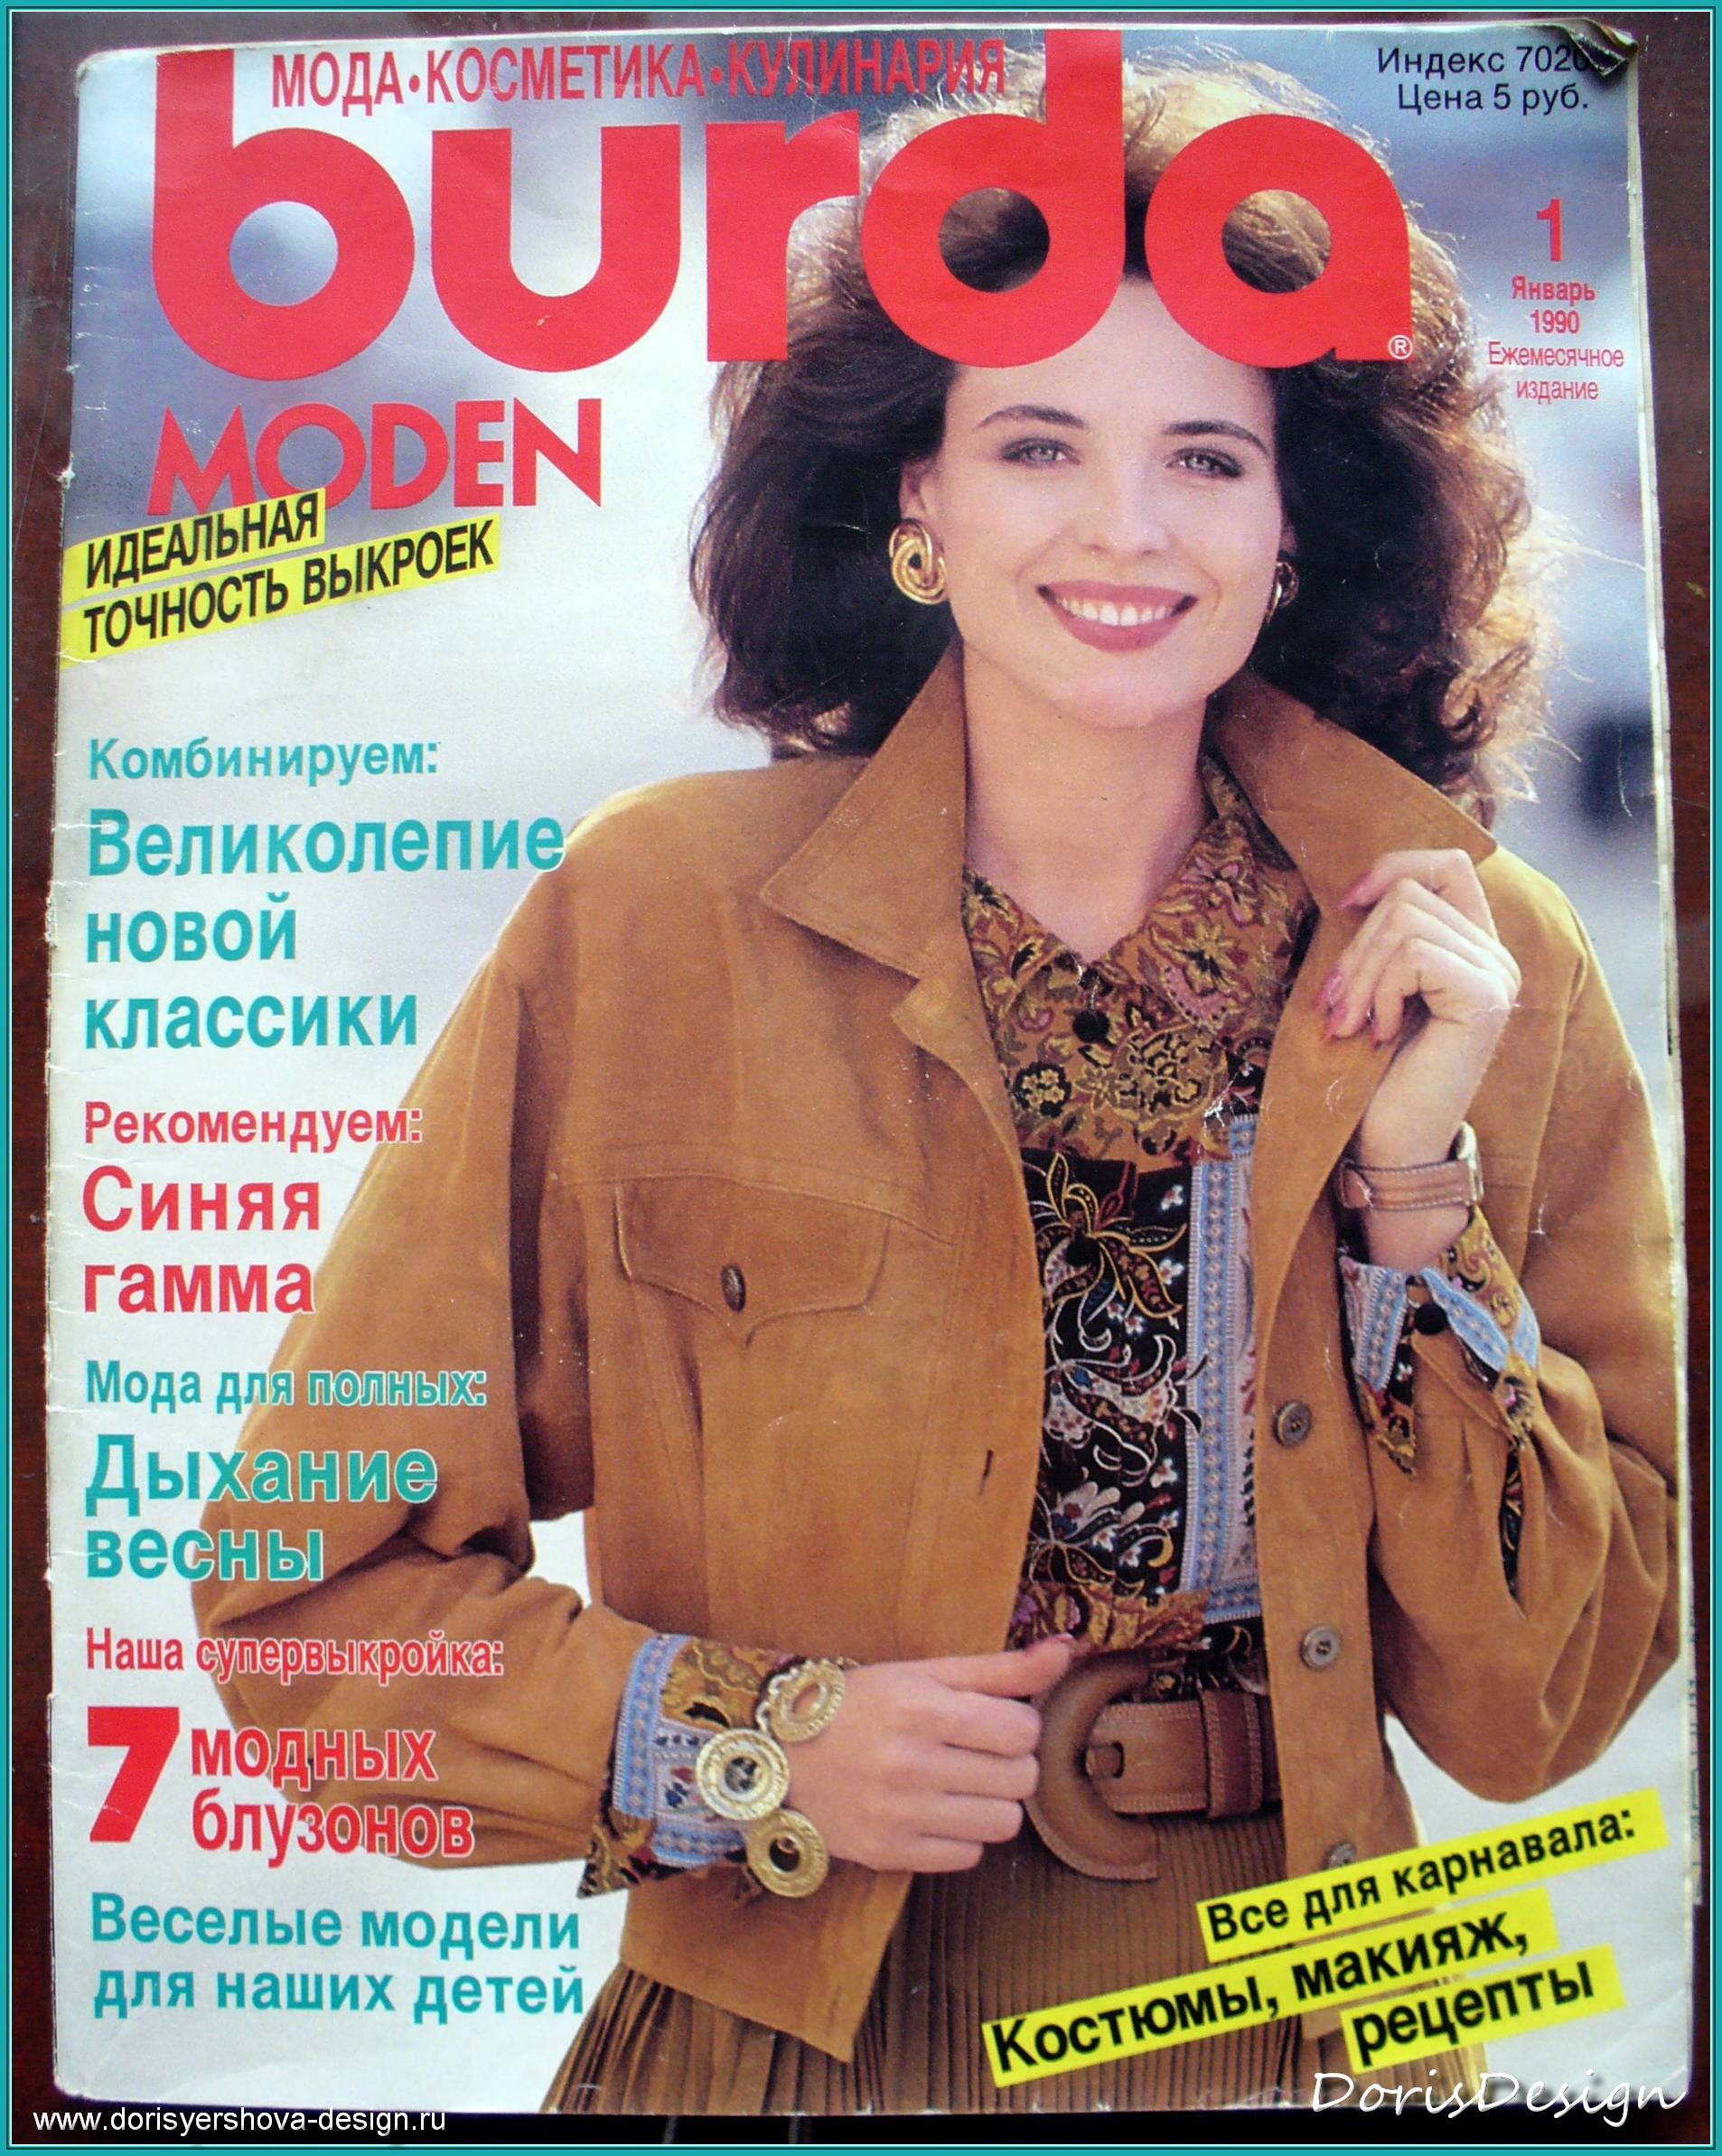 Журналы бурда моден 5 май 2013 - Журнал